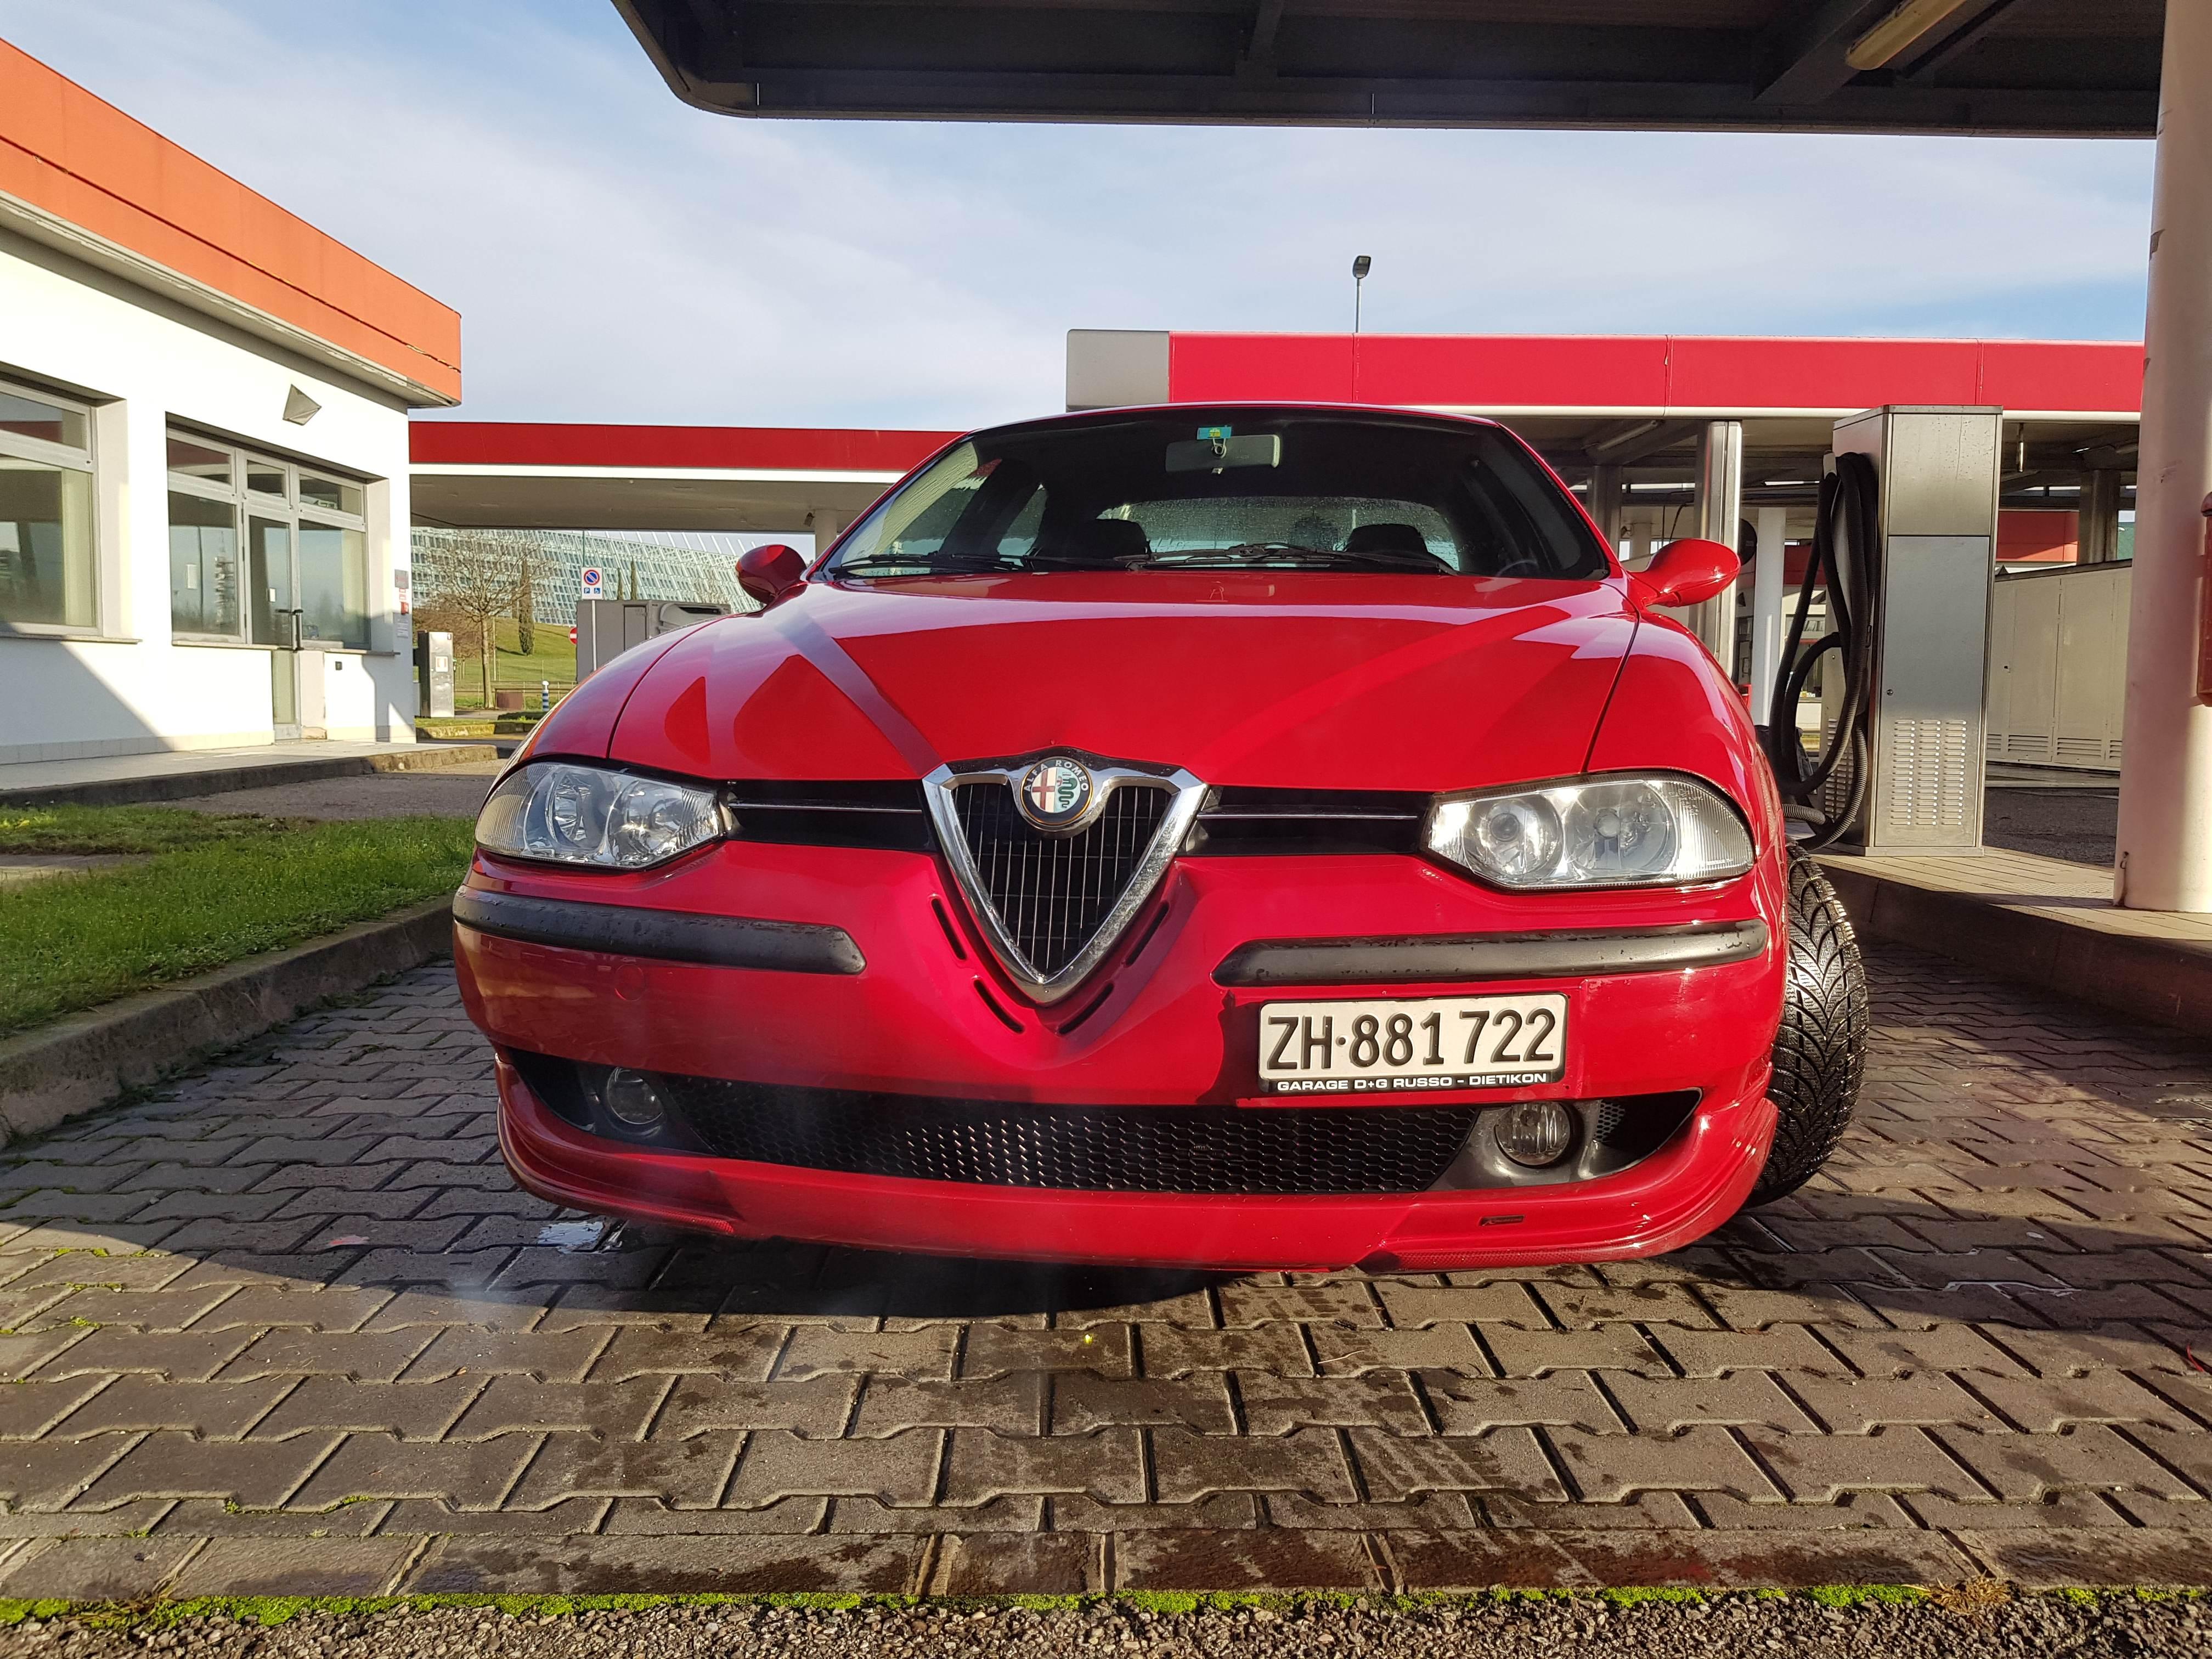 foto Alfa Romeo 156 - 2.0 TS 16v - Selespeed - Rossa - 2000 - VE - 1